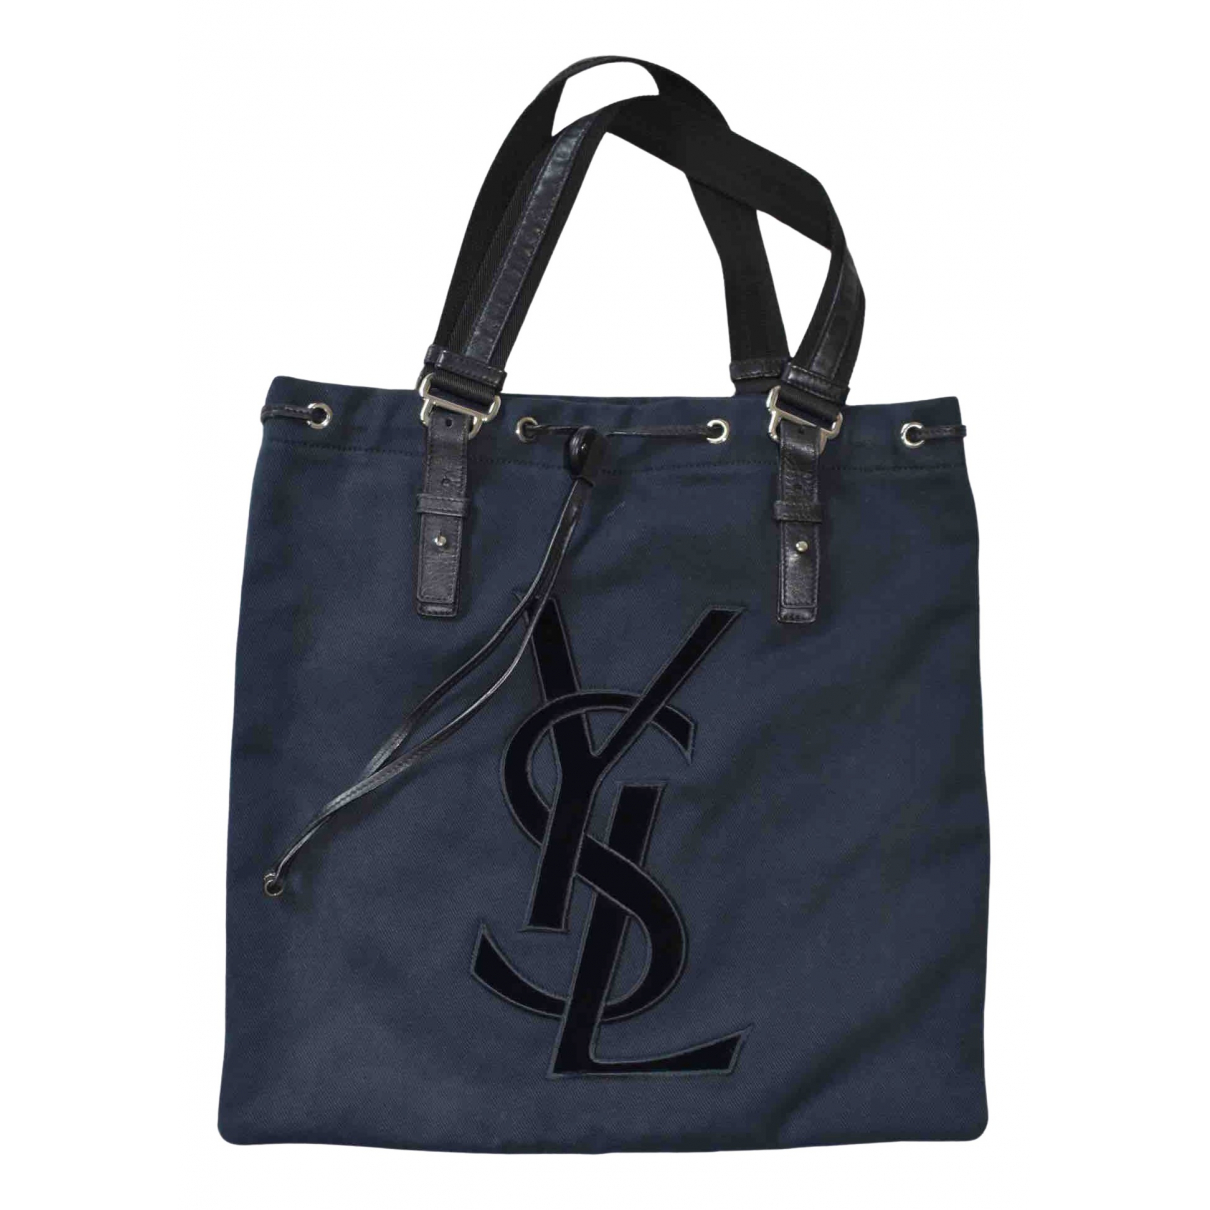 Yves Saint Laurent \N Navy Cotton handbag for Women \N